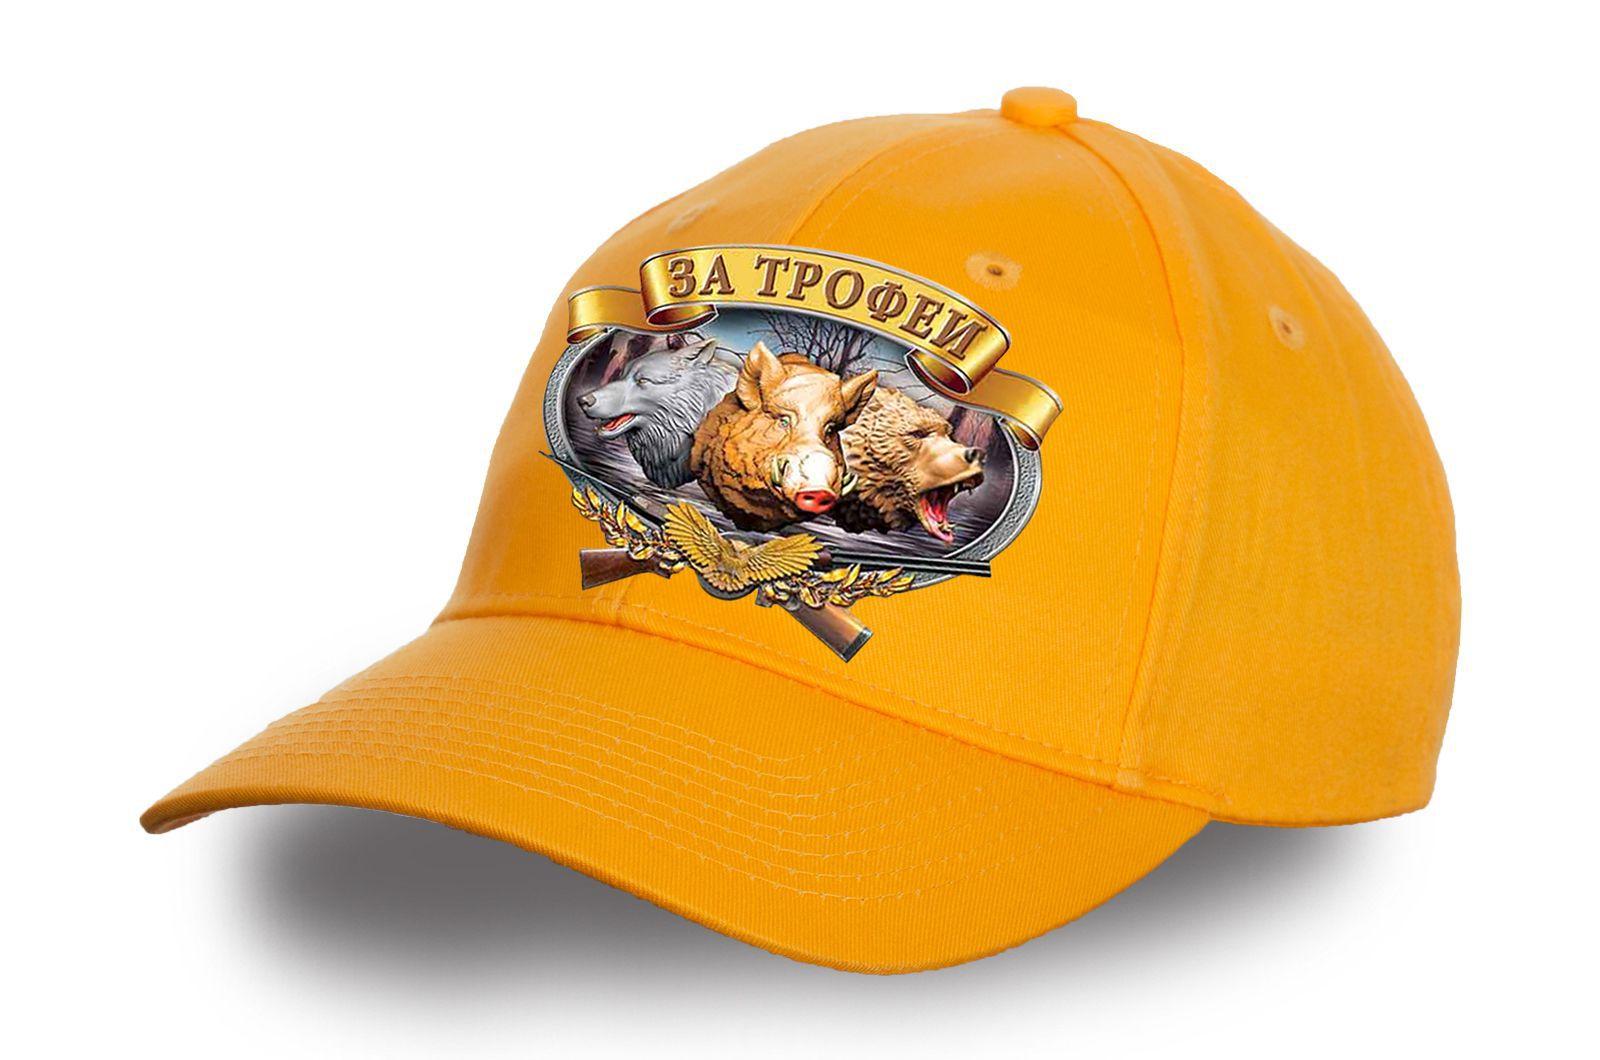 Бейсболка желтая Охотничья - купить онлайн с достакой